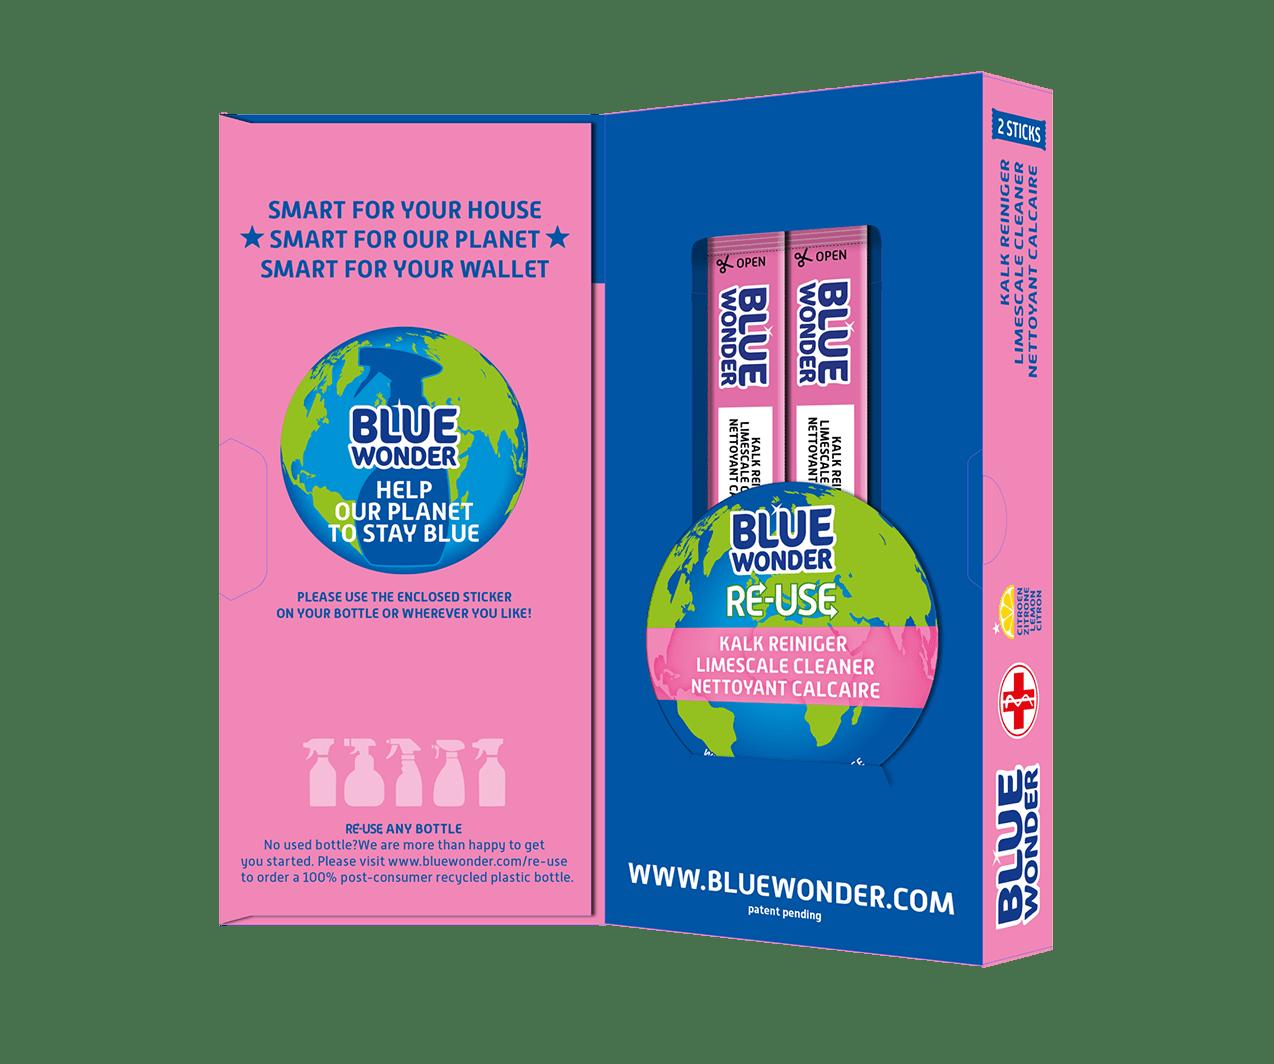 blue wonder re use box open1 kalk limescale calcaire